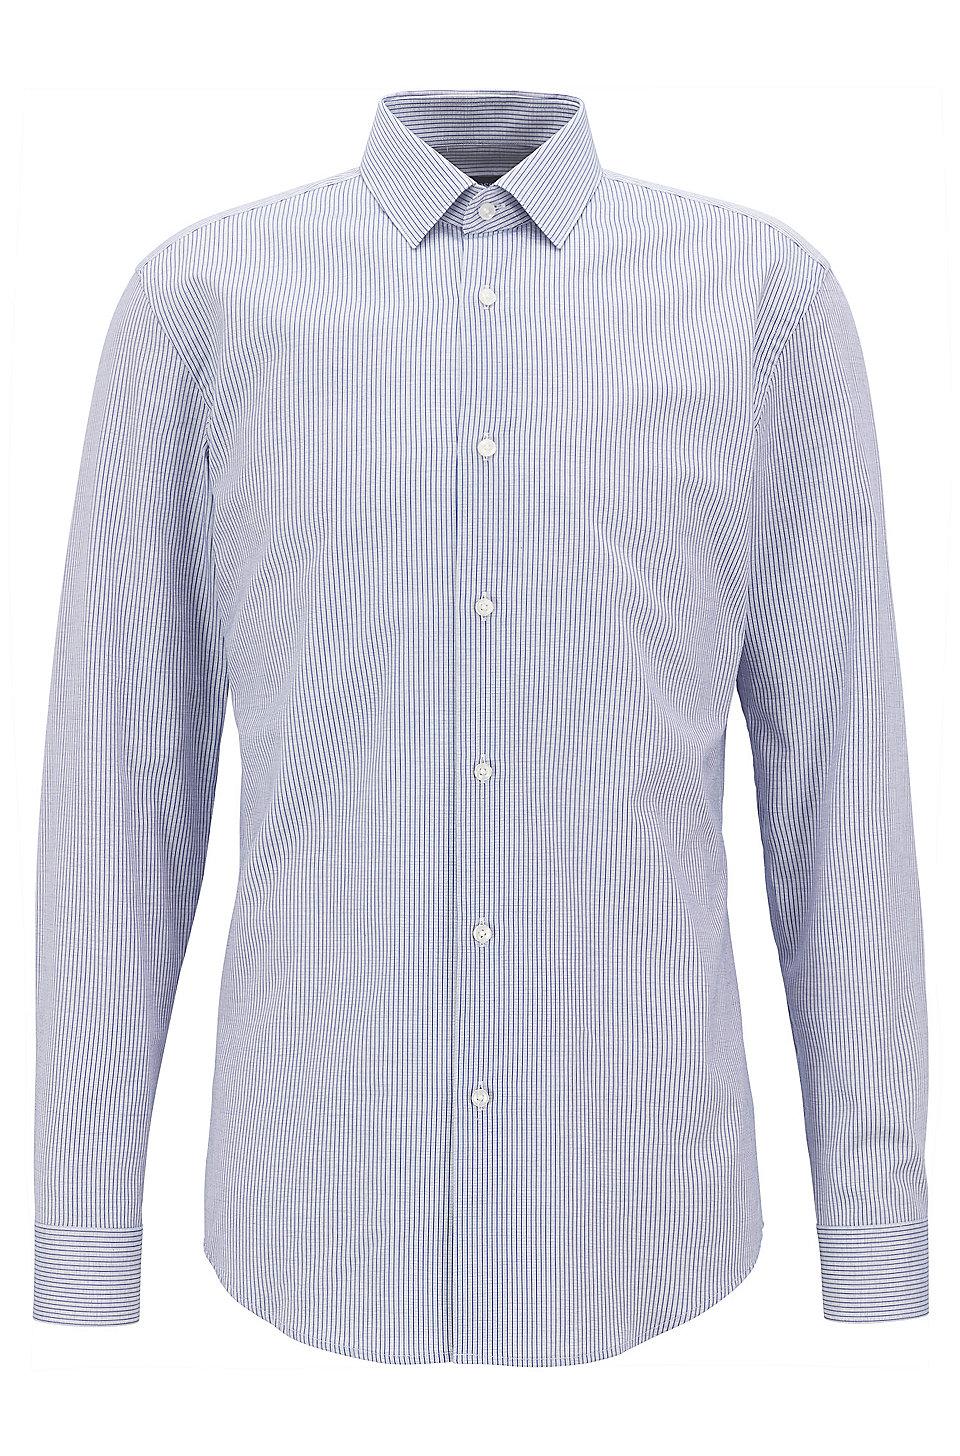 81d95533e BOSS - Slim-fit shirt in patterned cotton piqué